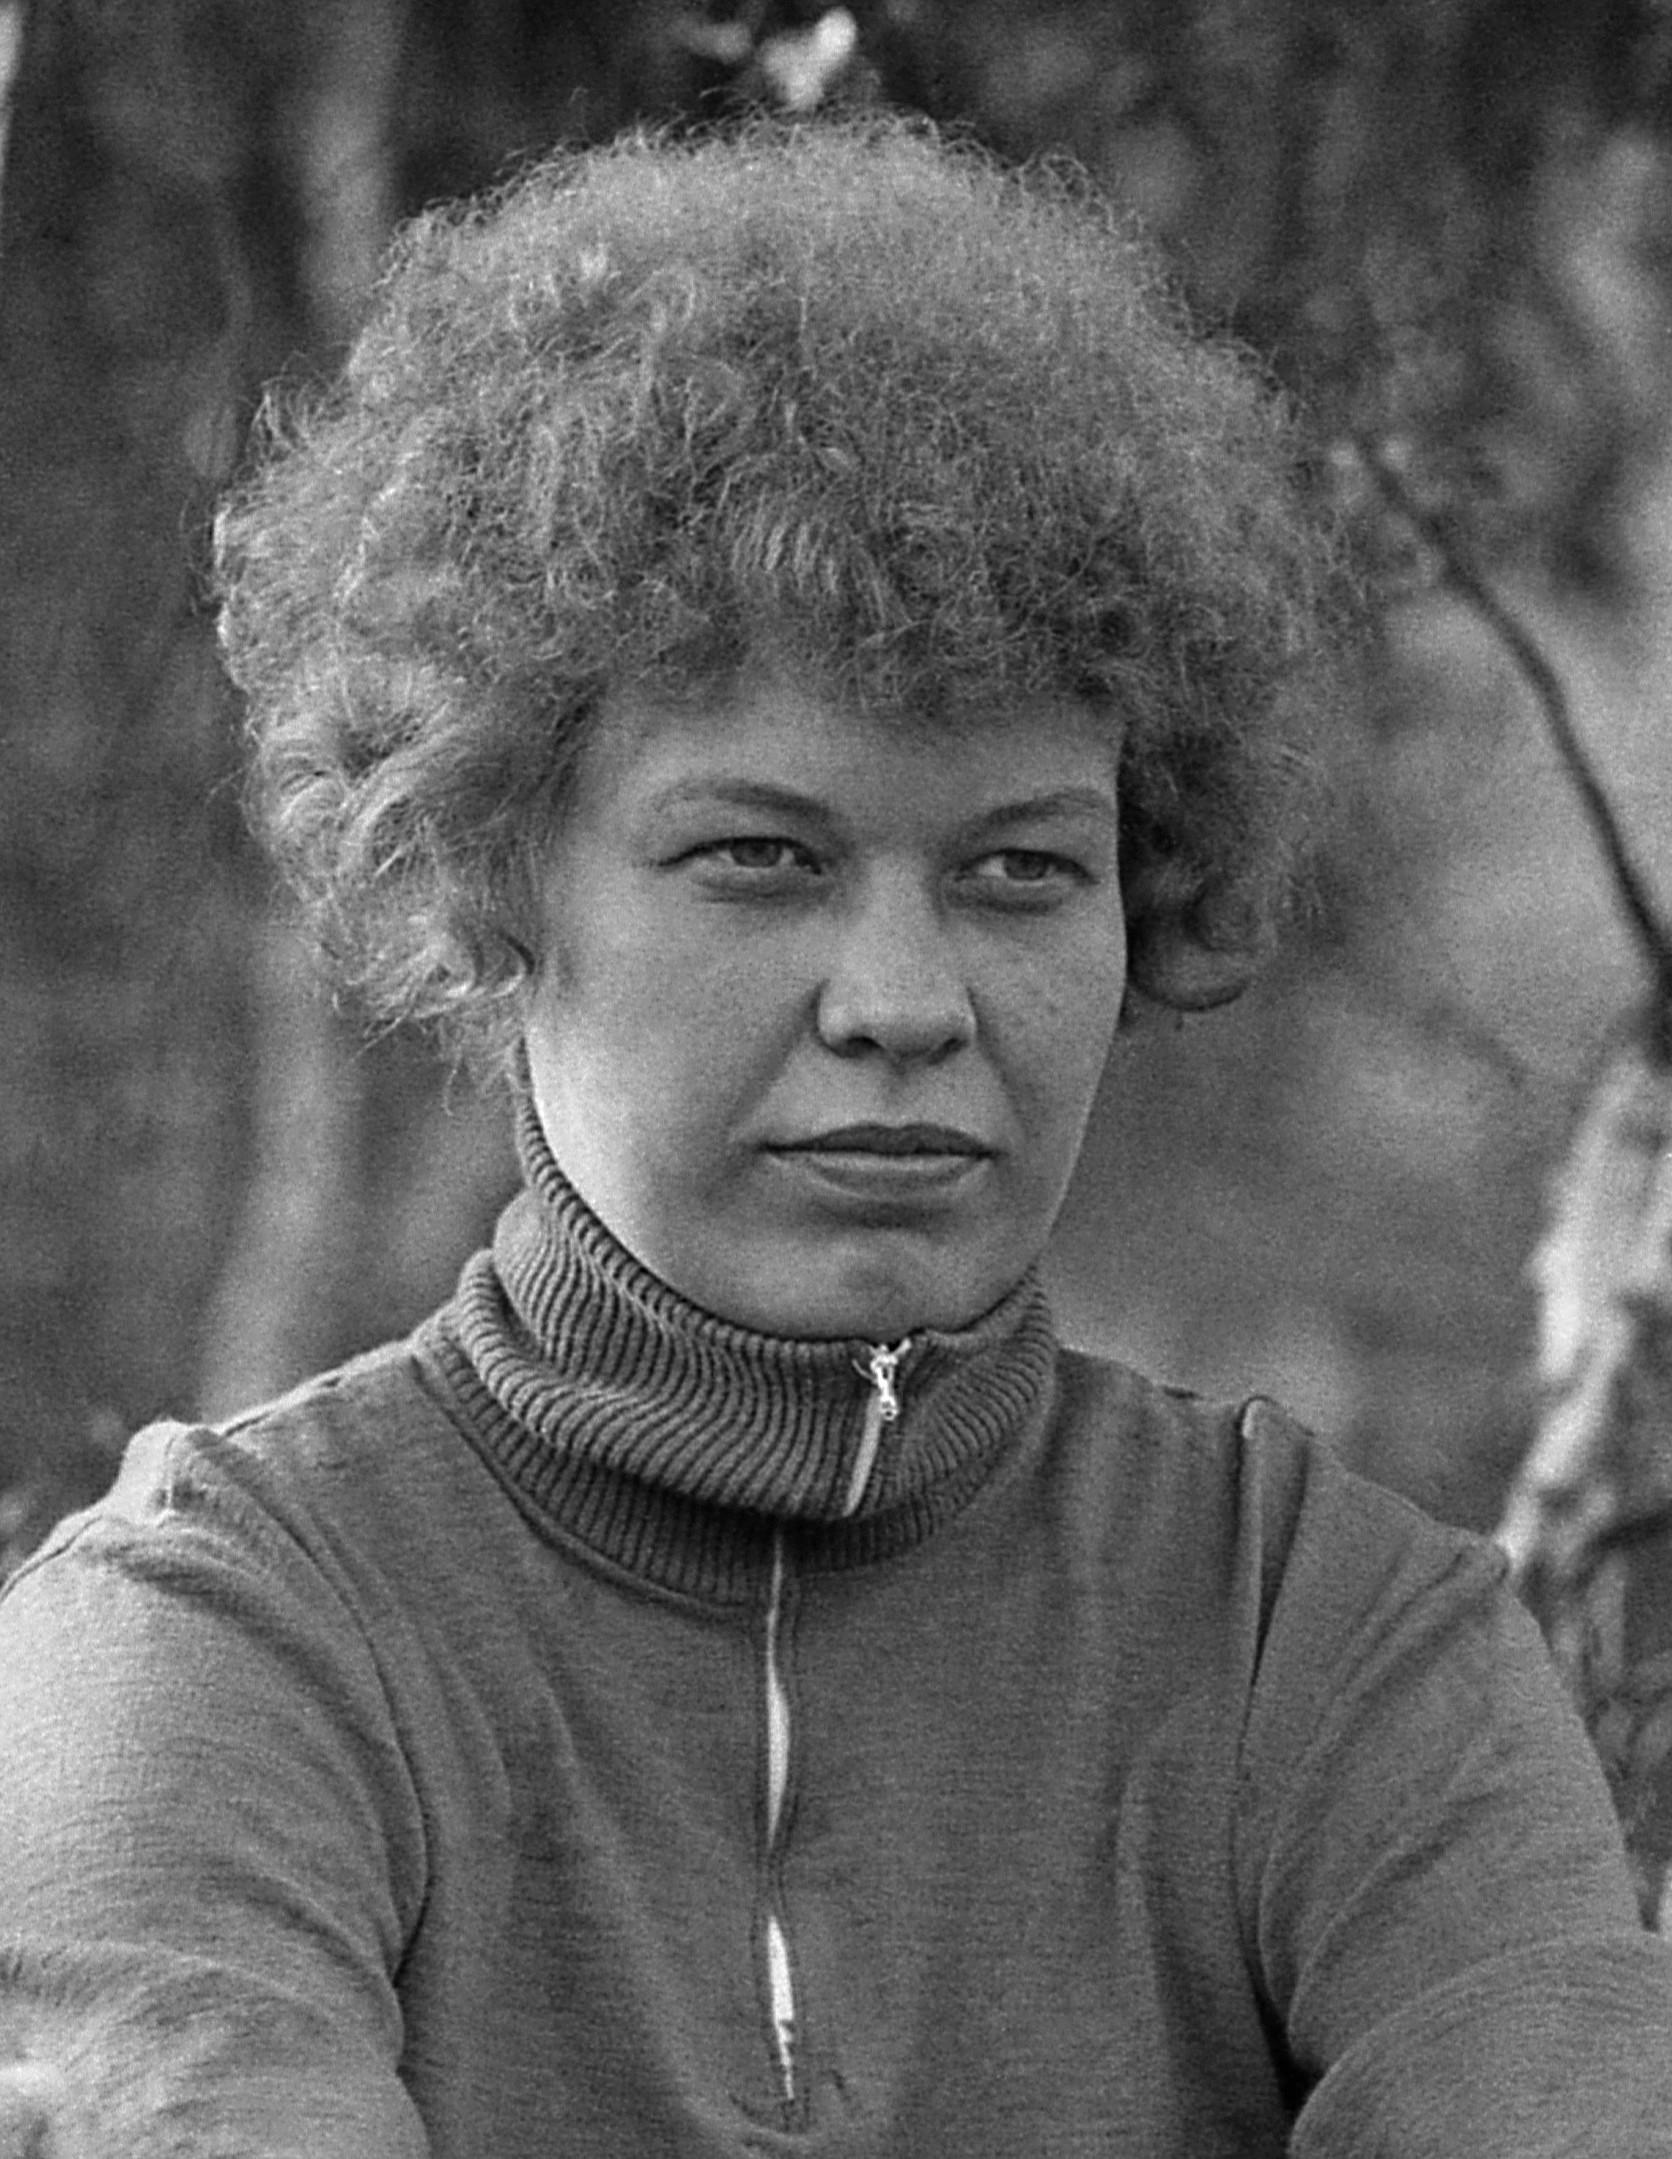 206. Футбол. Марина Коковкина (Емельянова) Э-66